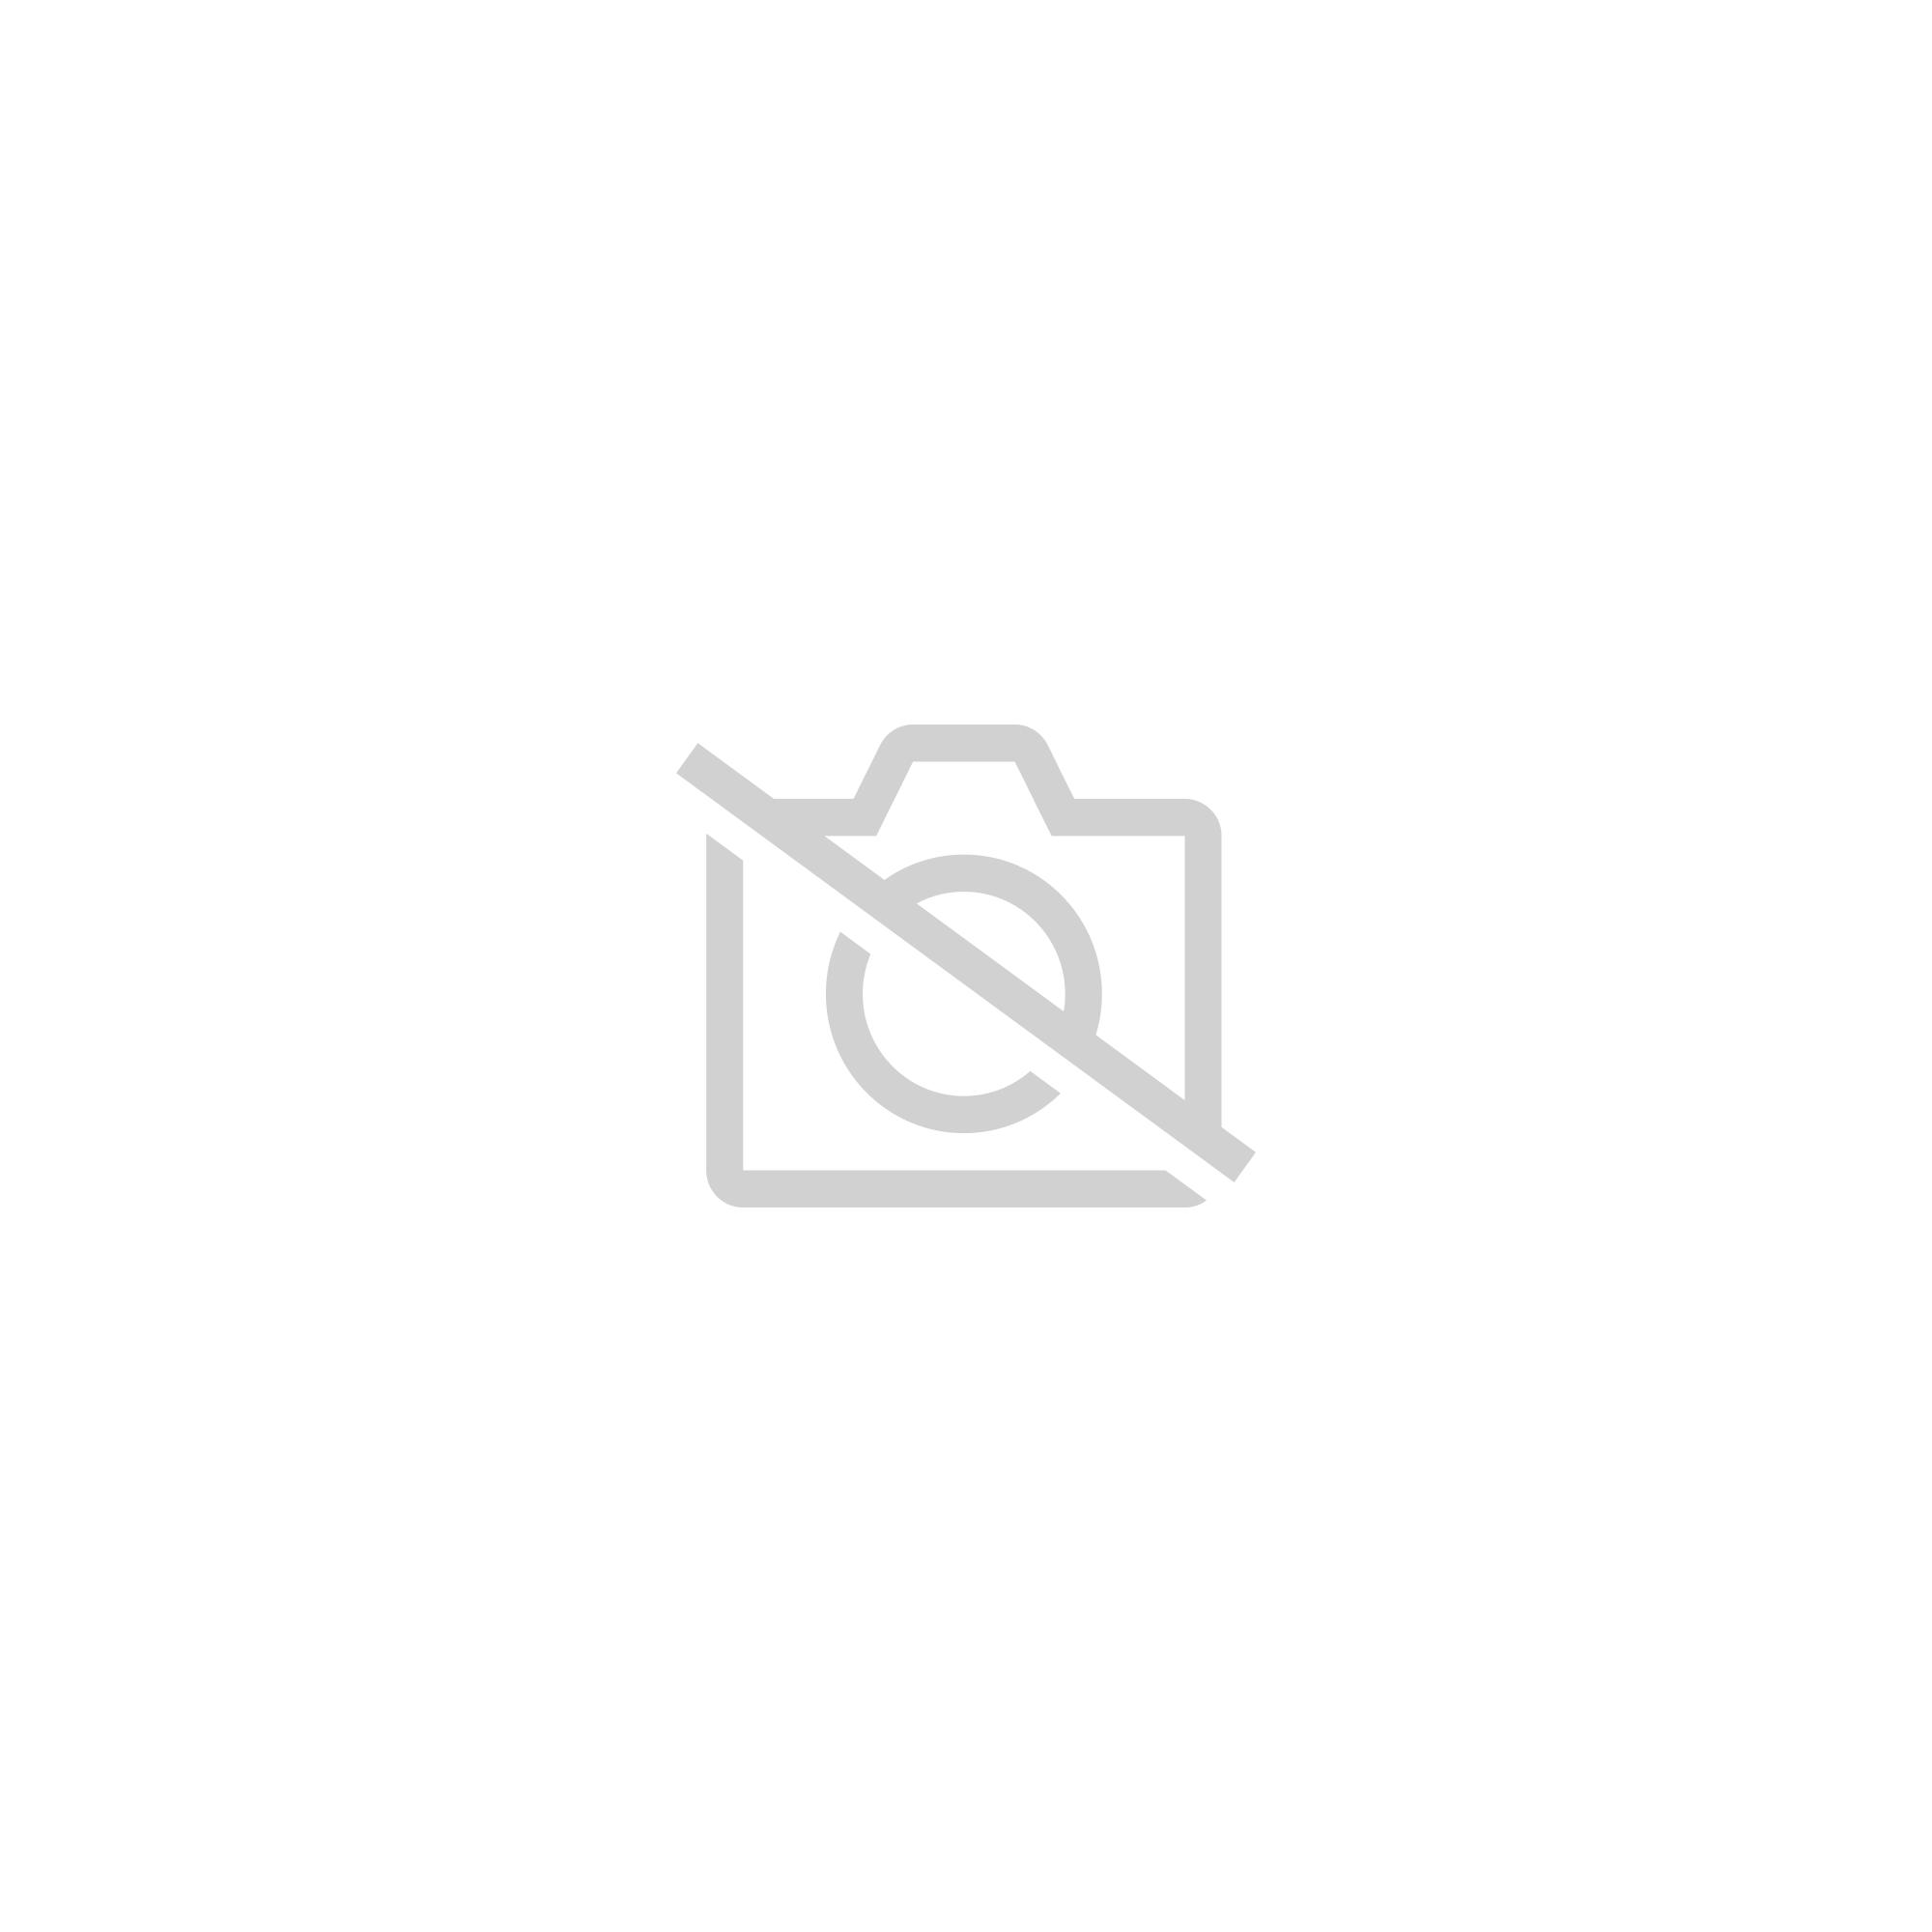 Neufs Jouets Jeux D'occasion Comparez Les Prix Ou Tamiya sChrQtd